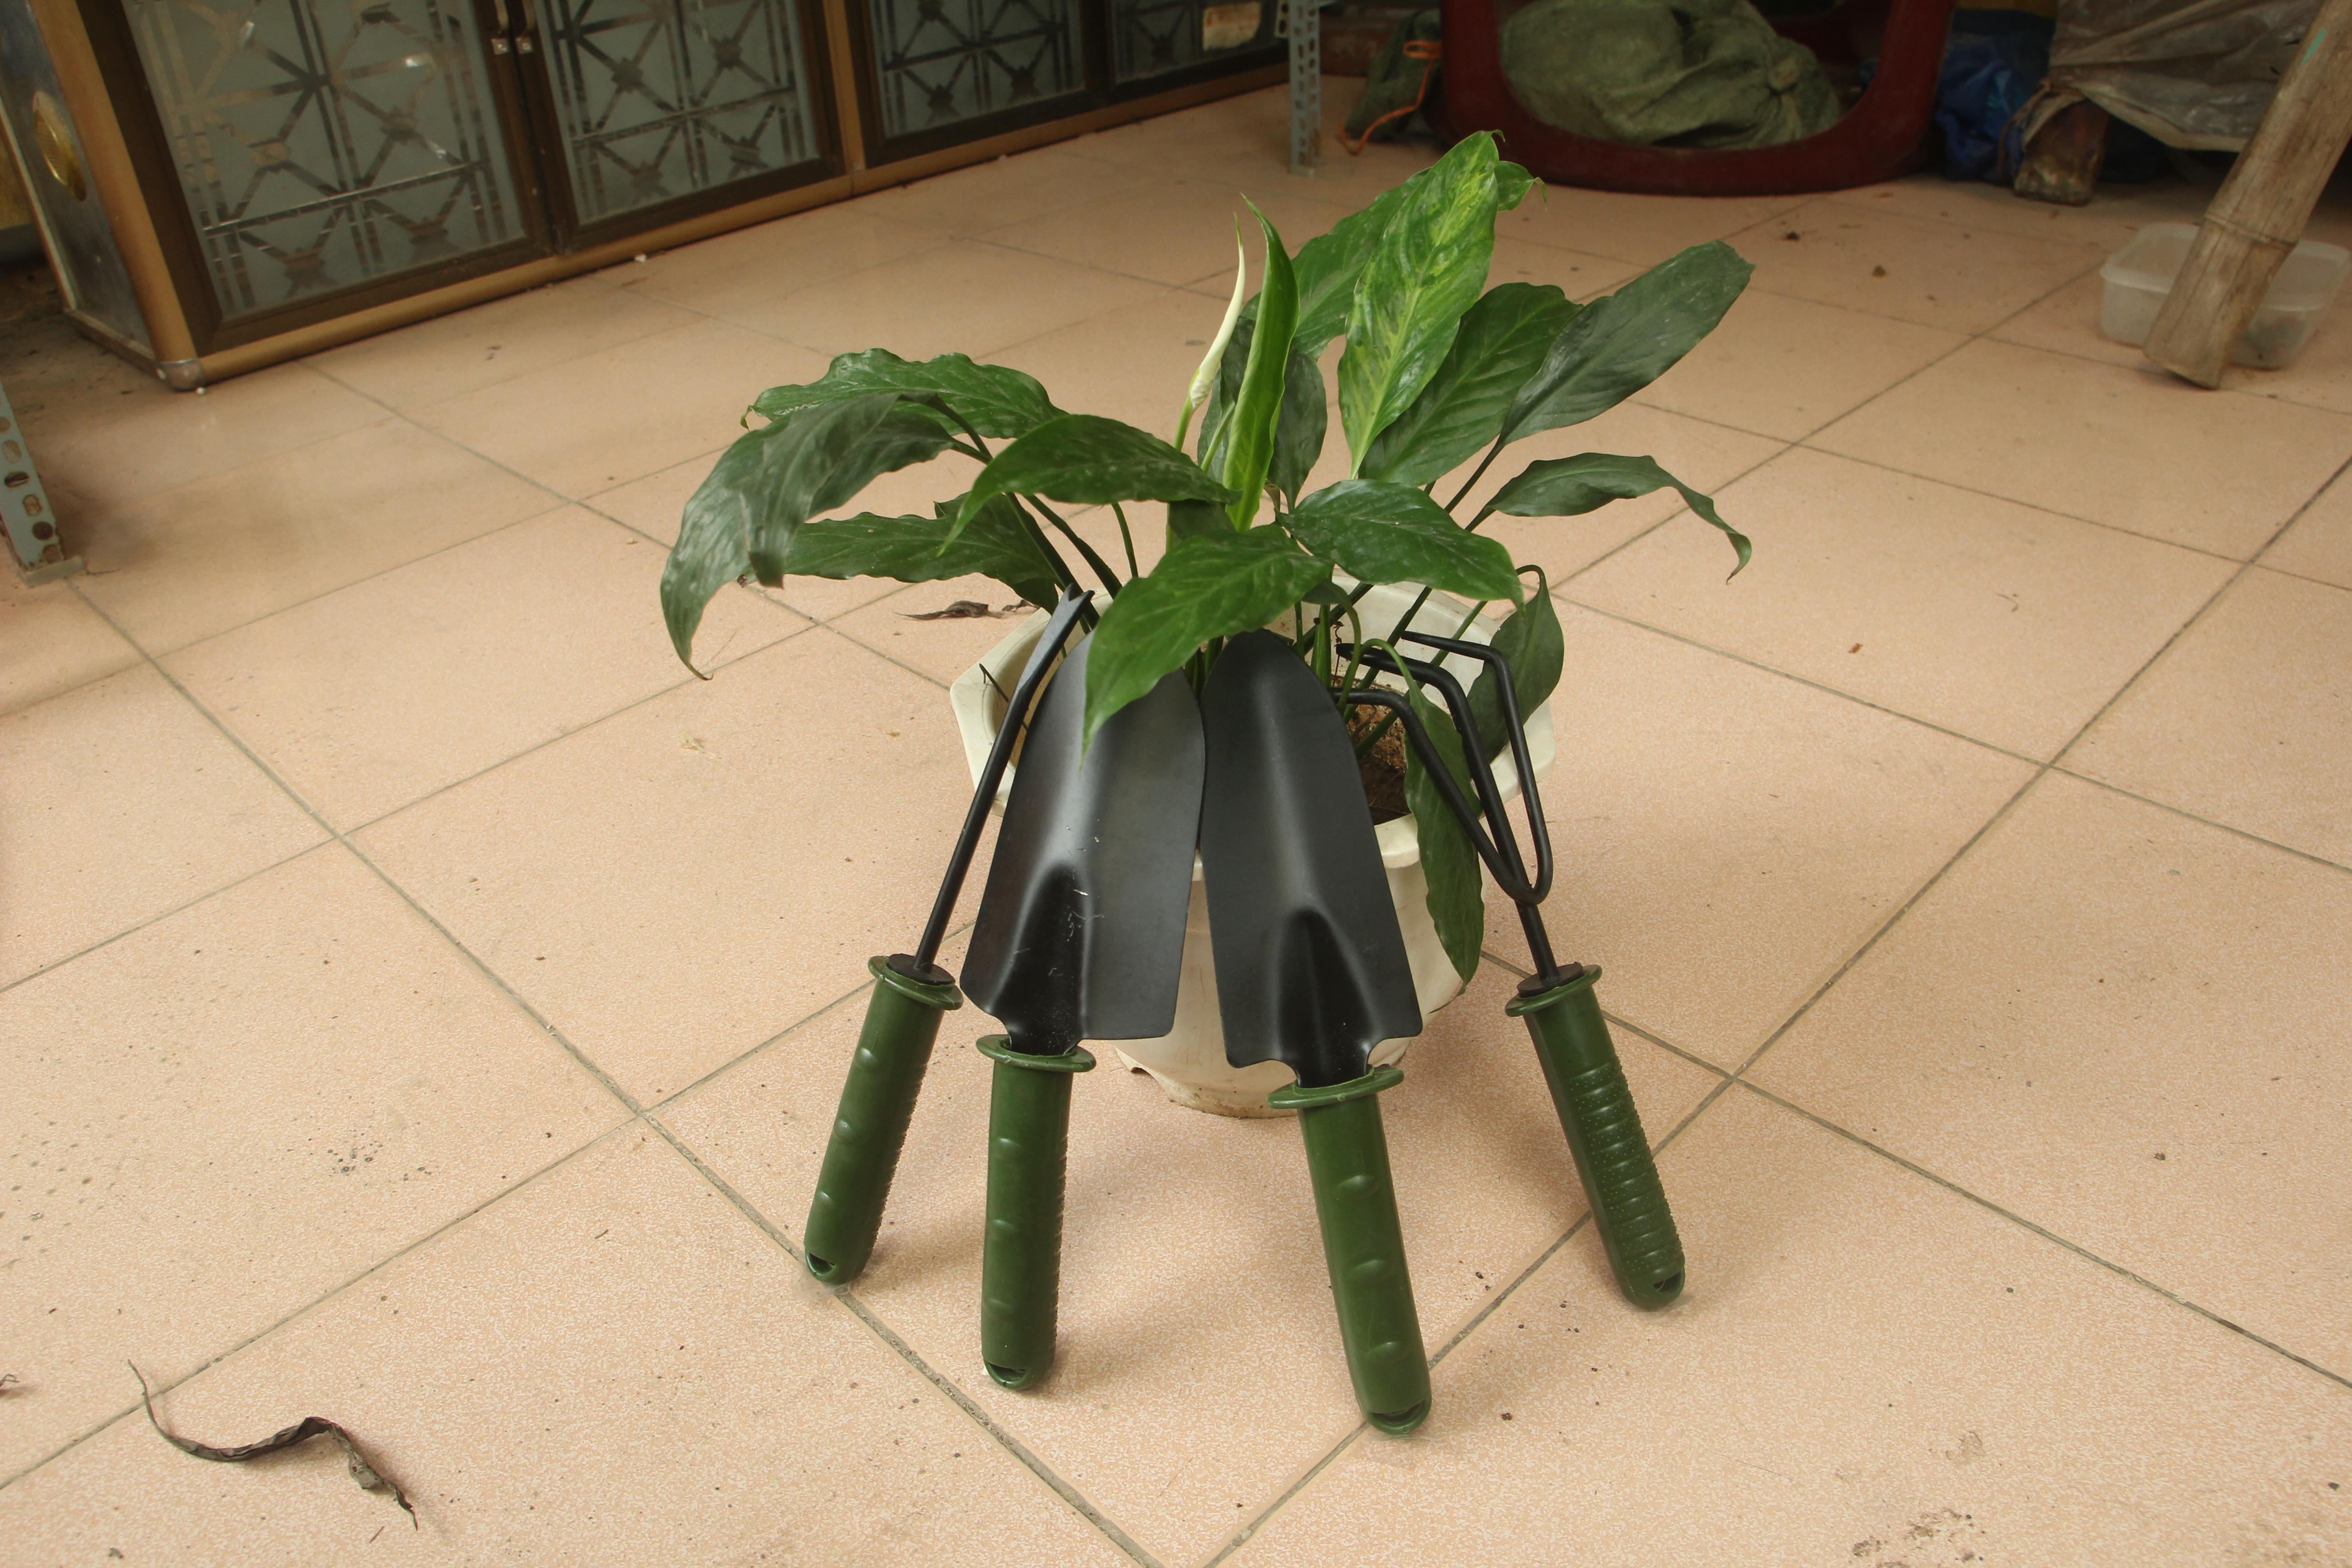 Bộ dụng cụ cuốc xẻng  làm vườn trồng cây  mini 4 chiếc sơn tĩnh điện